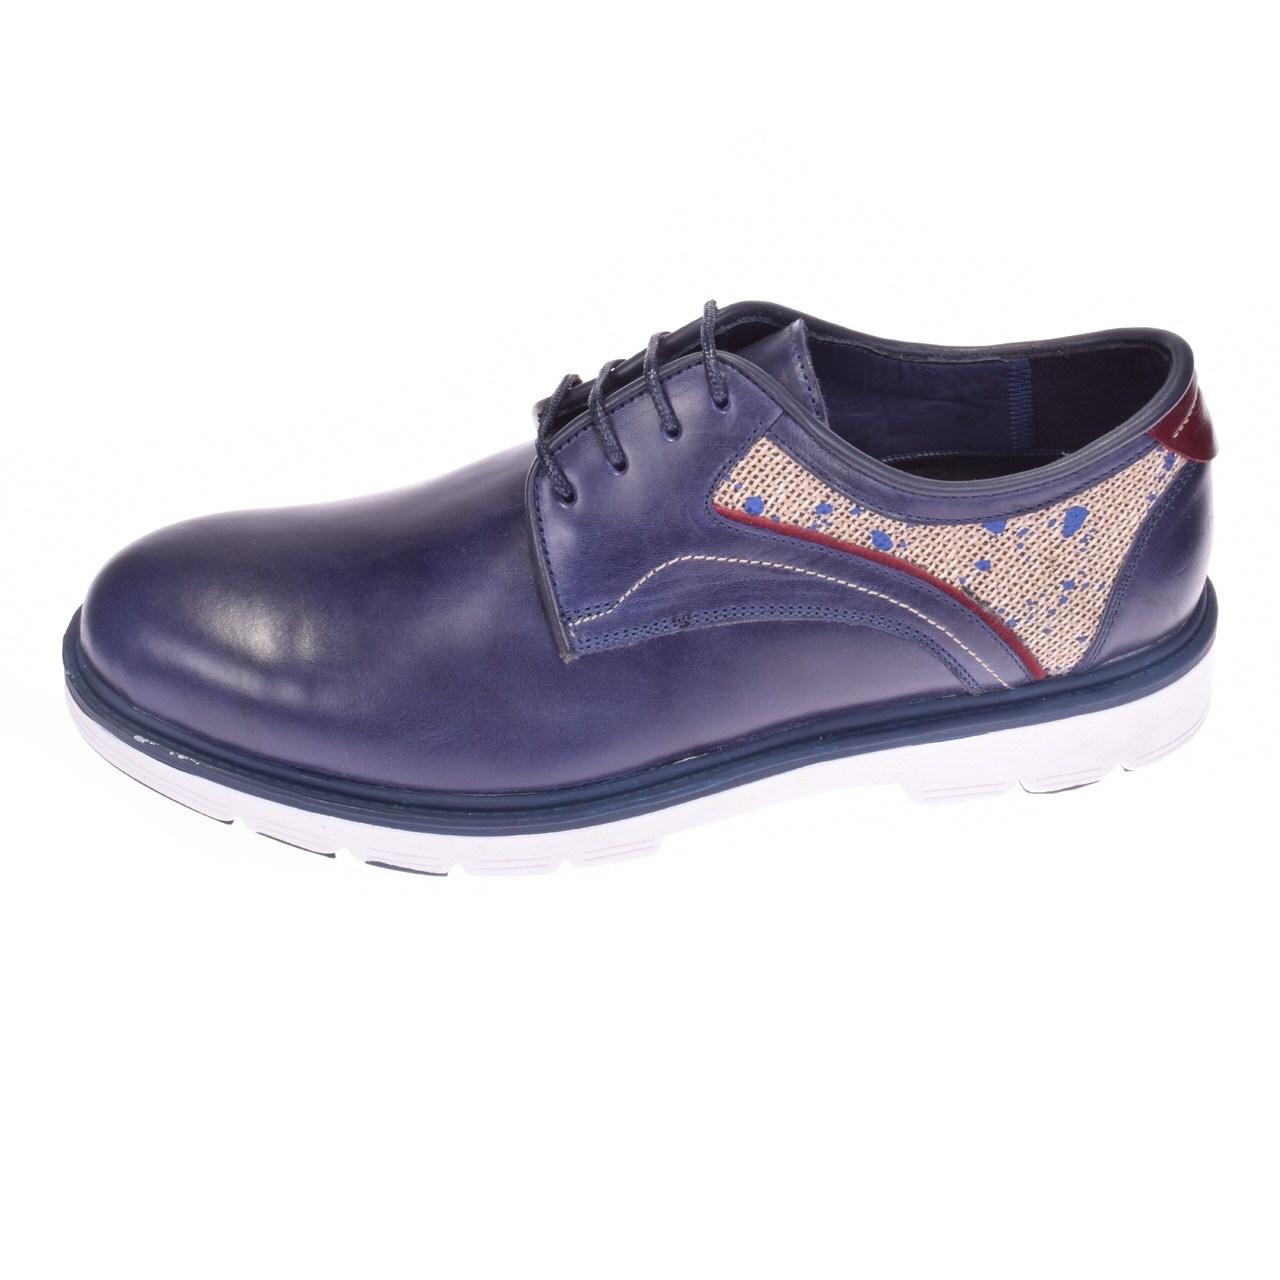 کفش مردانه پانیسا مدل Lace 144DB-Shine